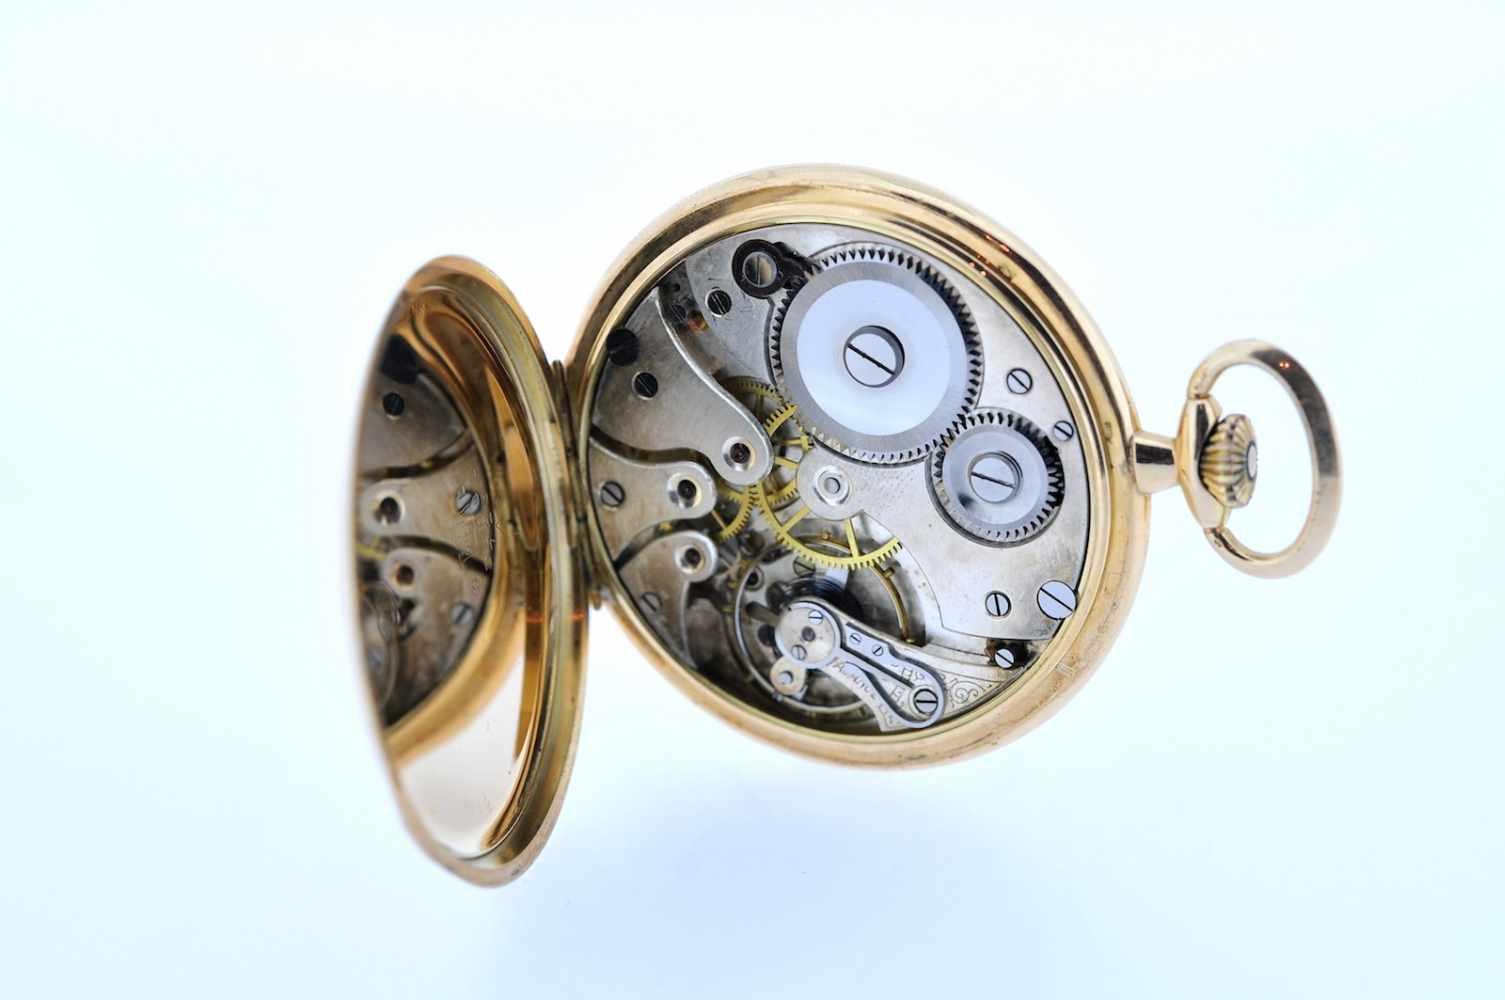 Goldene Frackuhr Goldene Frackuhr mit kleiner Sekunde, Chronometer, Corgemont Watch, Breguetspirale, - Bild 2 aus 2